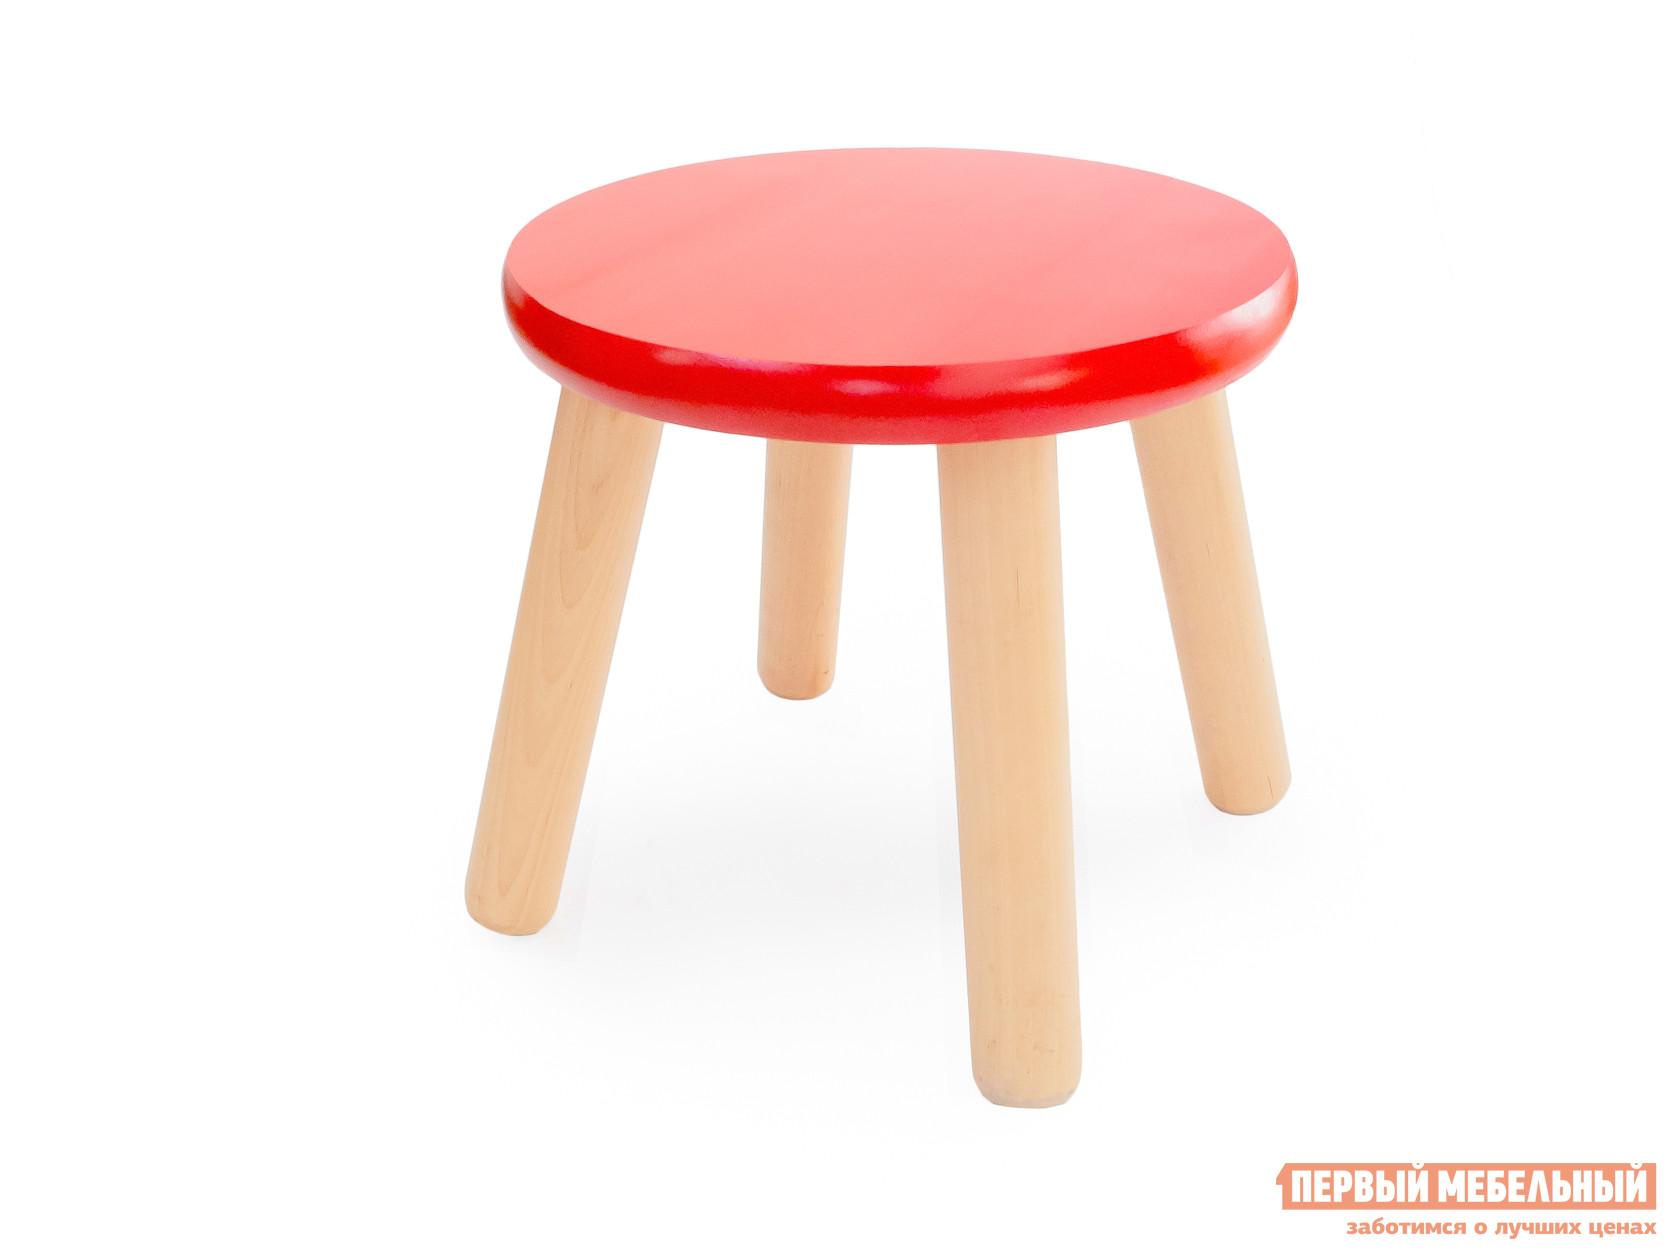 Столик и стульчик  Табурет детский Ольха / Красный